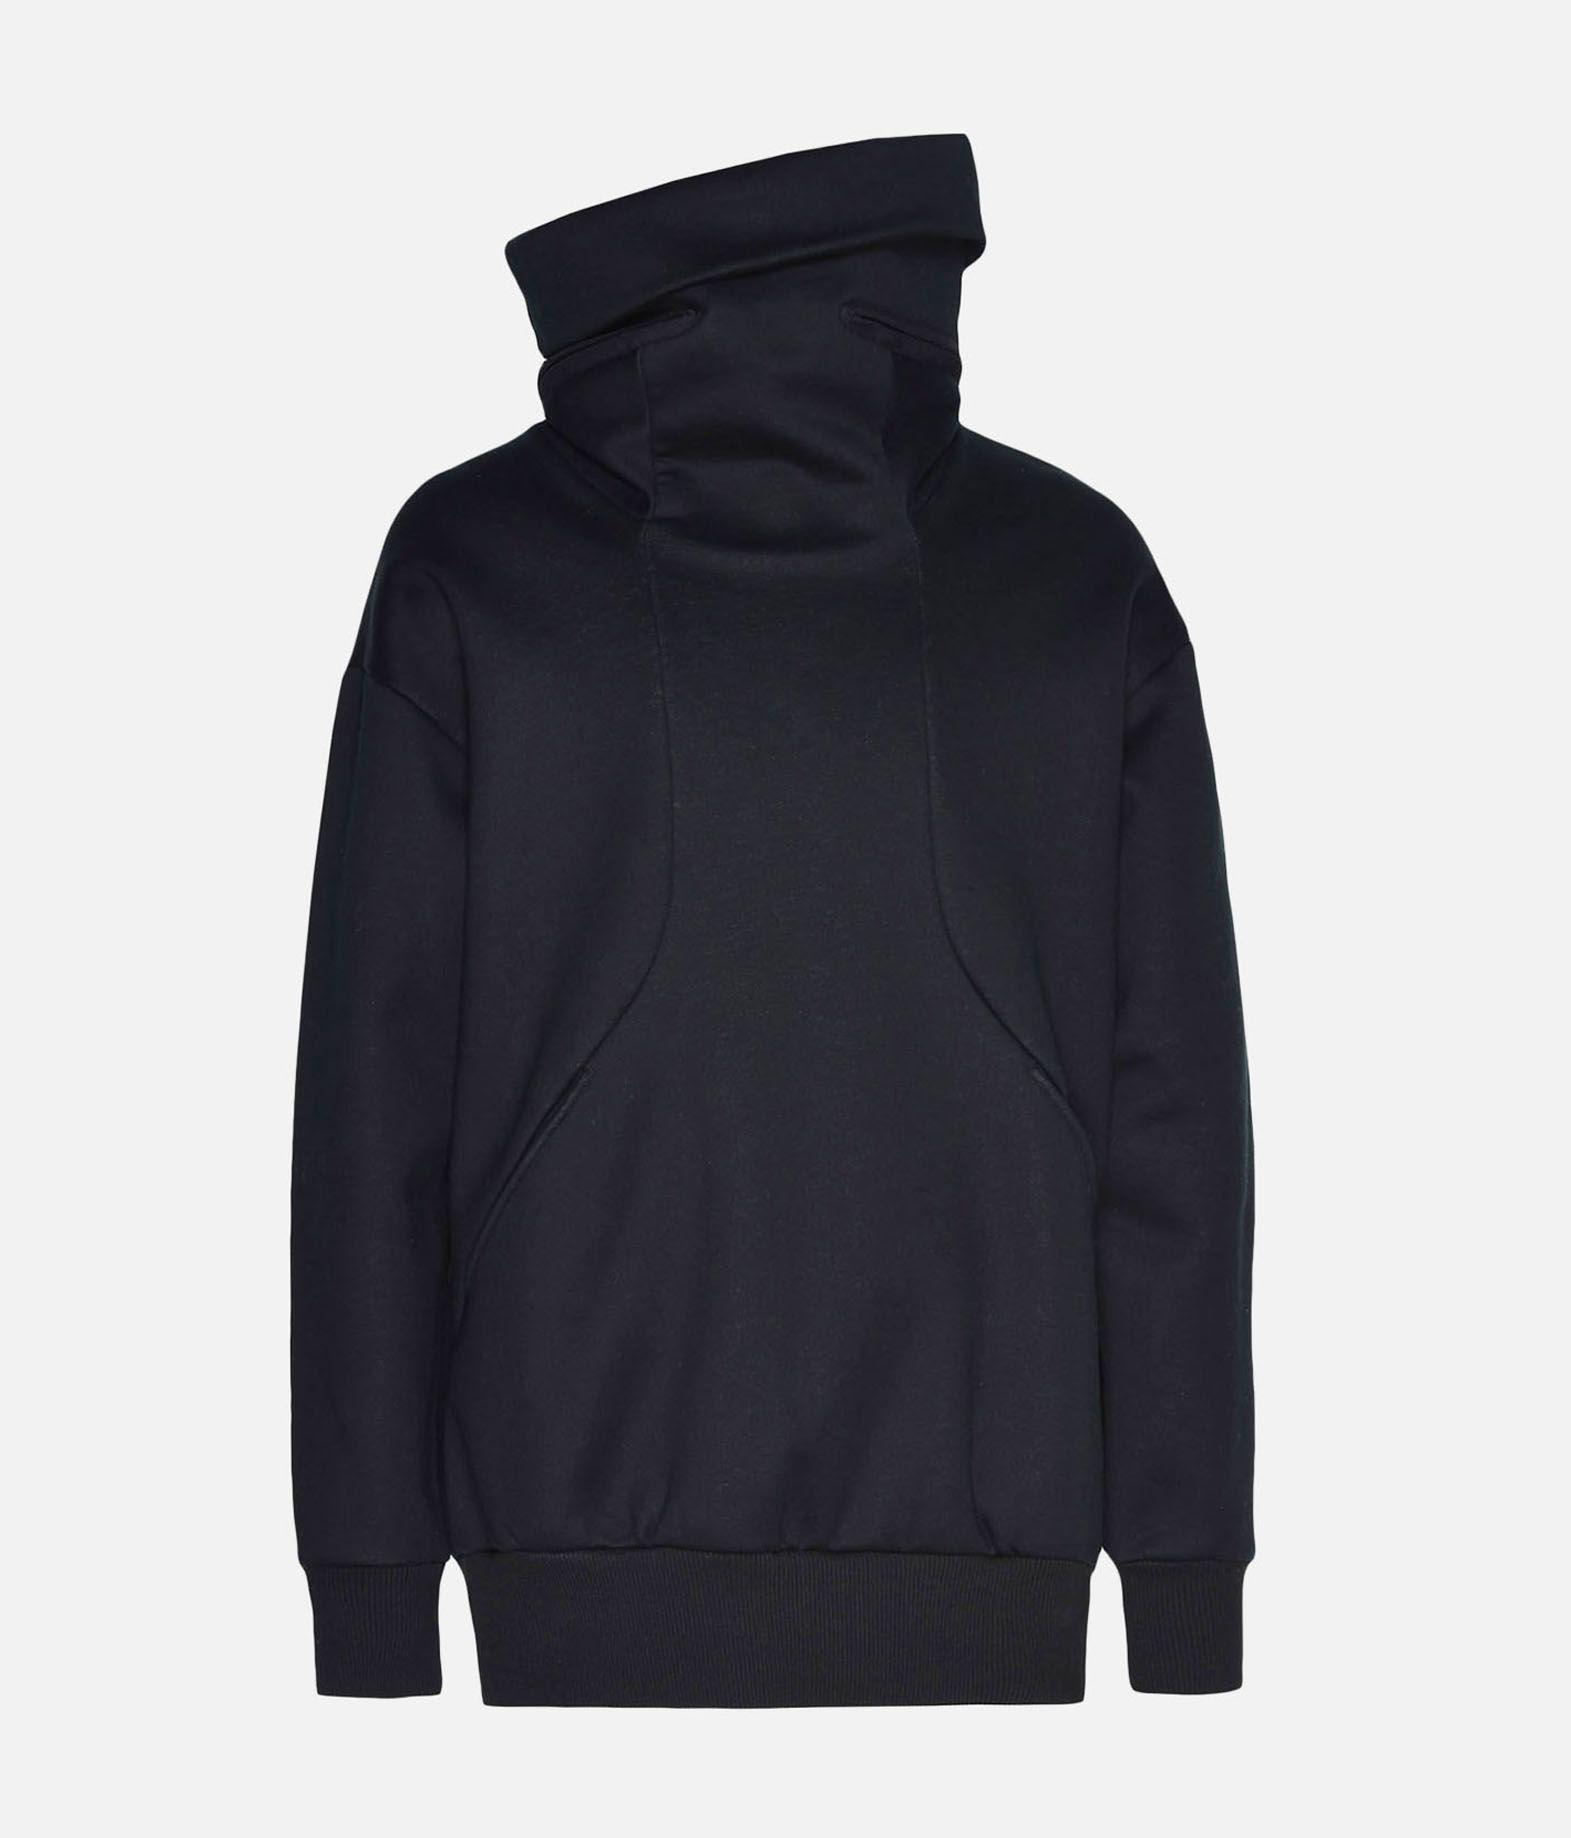 Y-3 Y-3 Binding Hoodie Hooded sweatshirt Man f